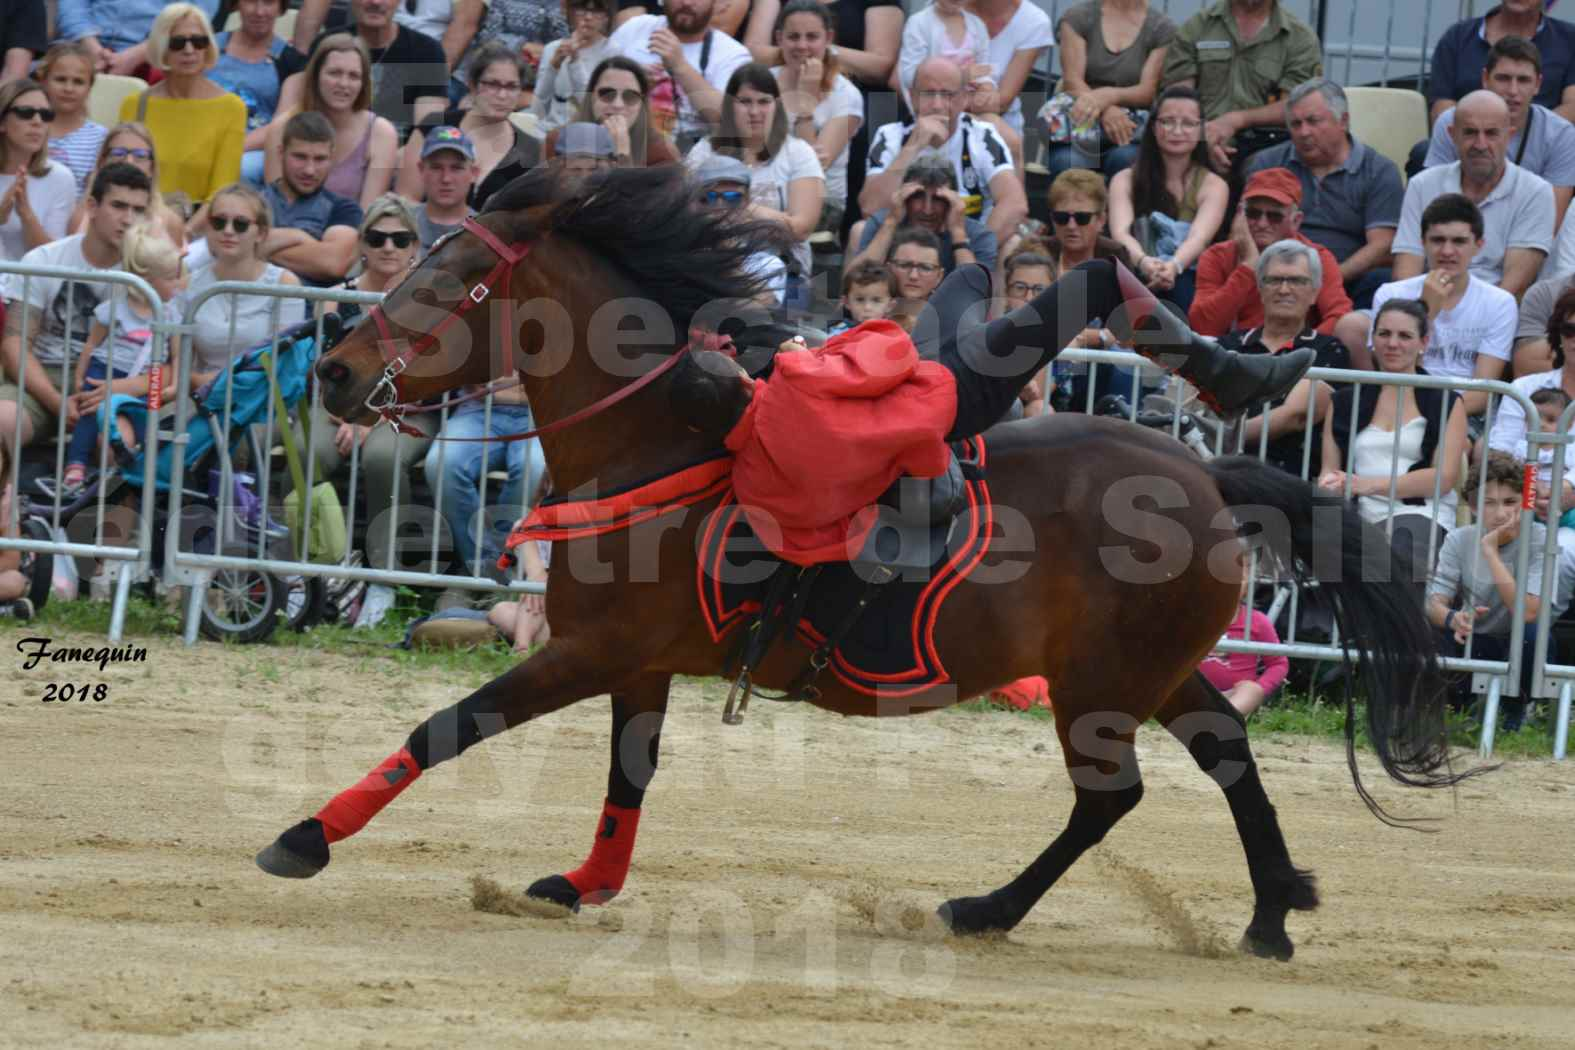 Spectacle Équestre le 3 juin 2018 à Saint Gély du Fesc - Voltige équestre - Troupe de Jean Antoine FIRMIN - 37